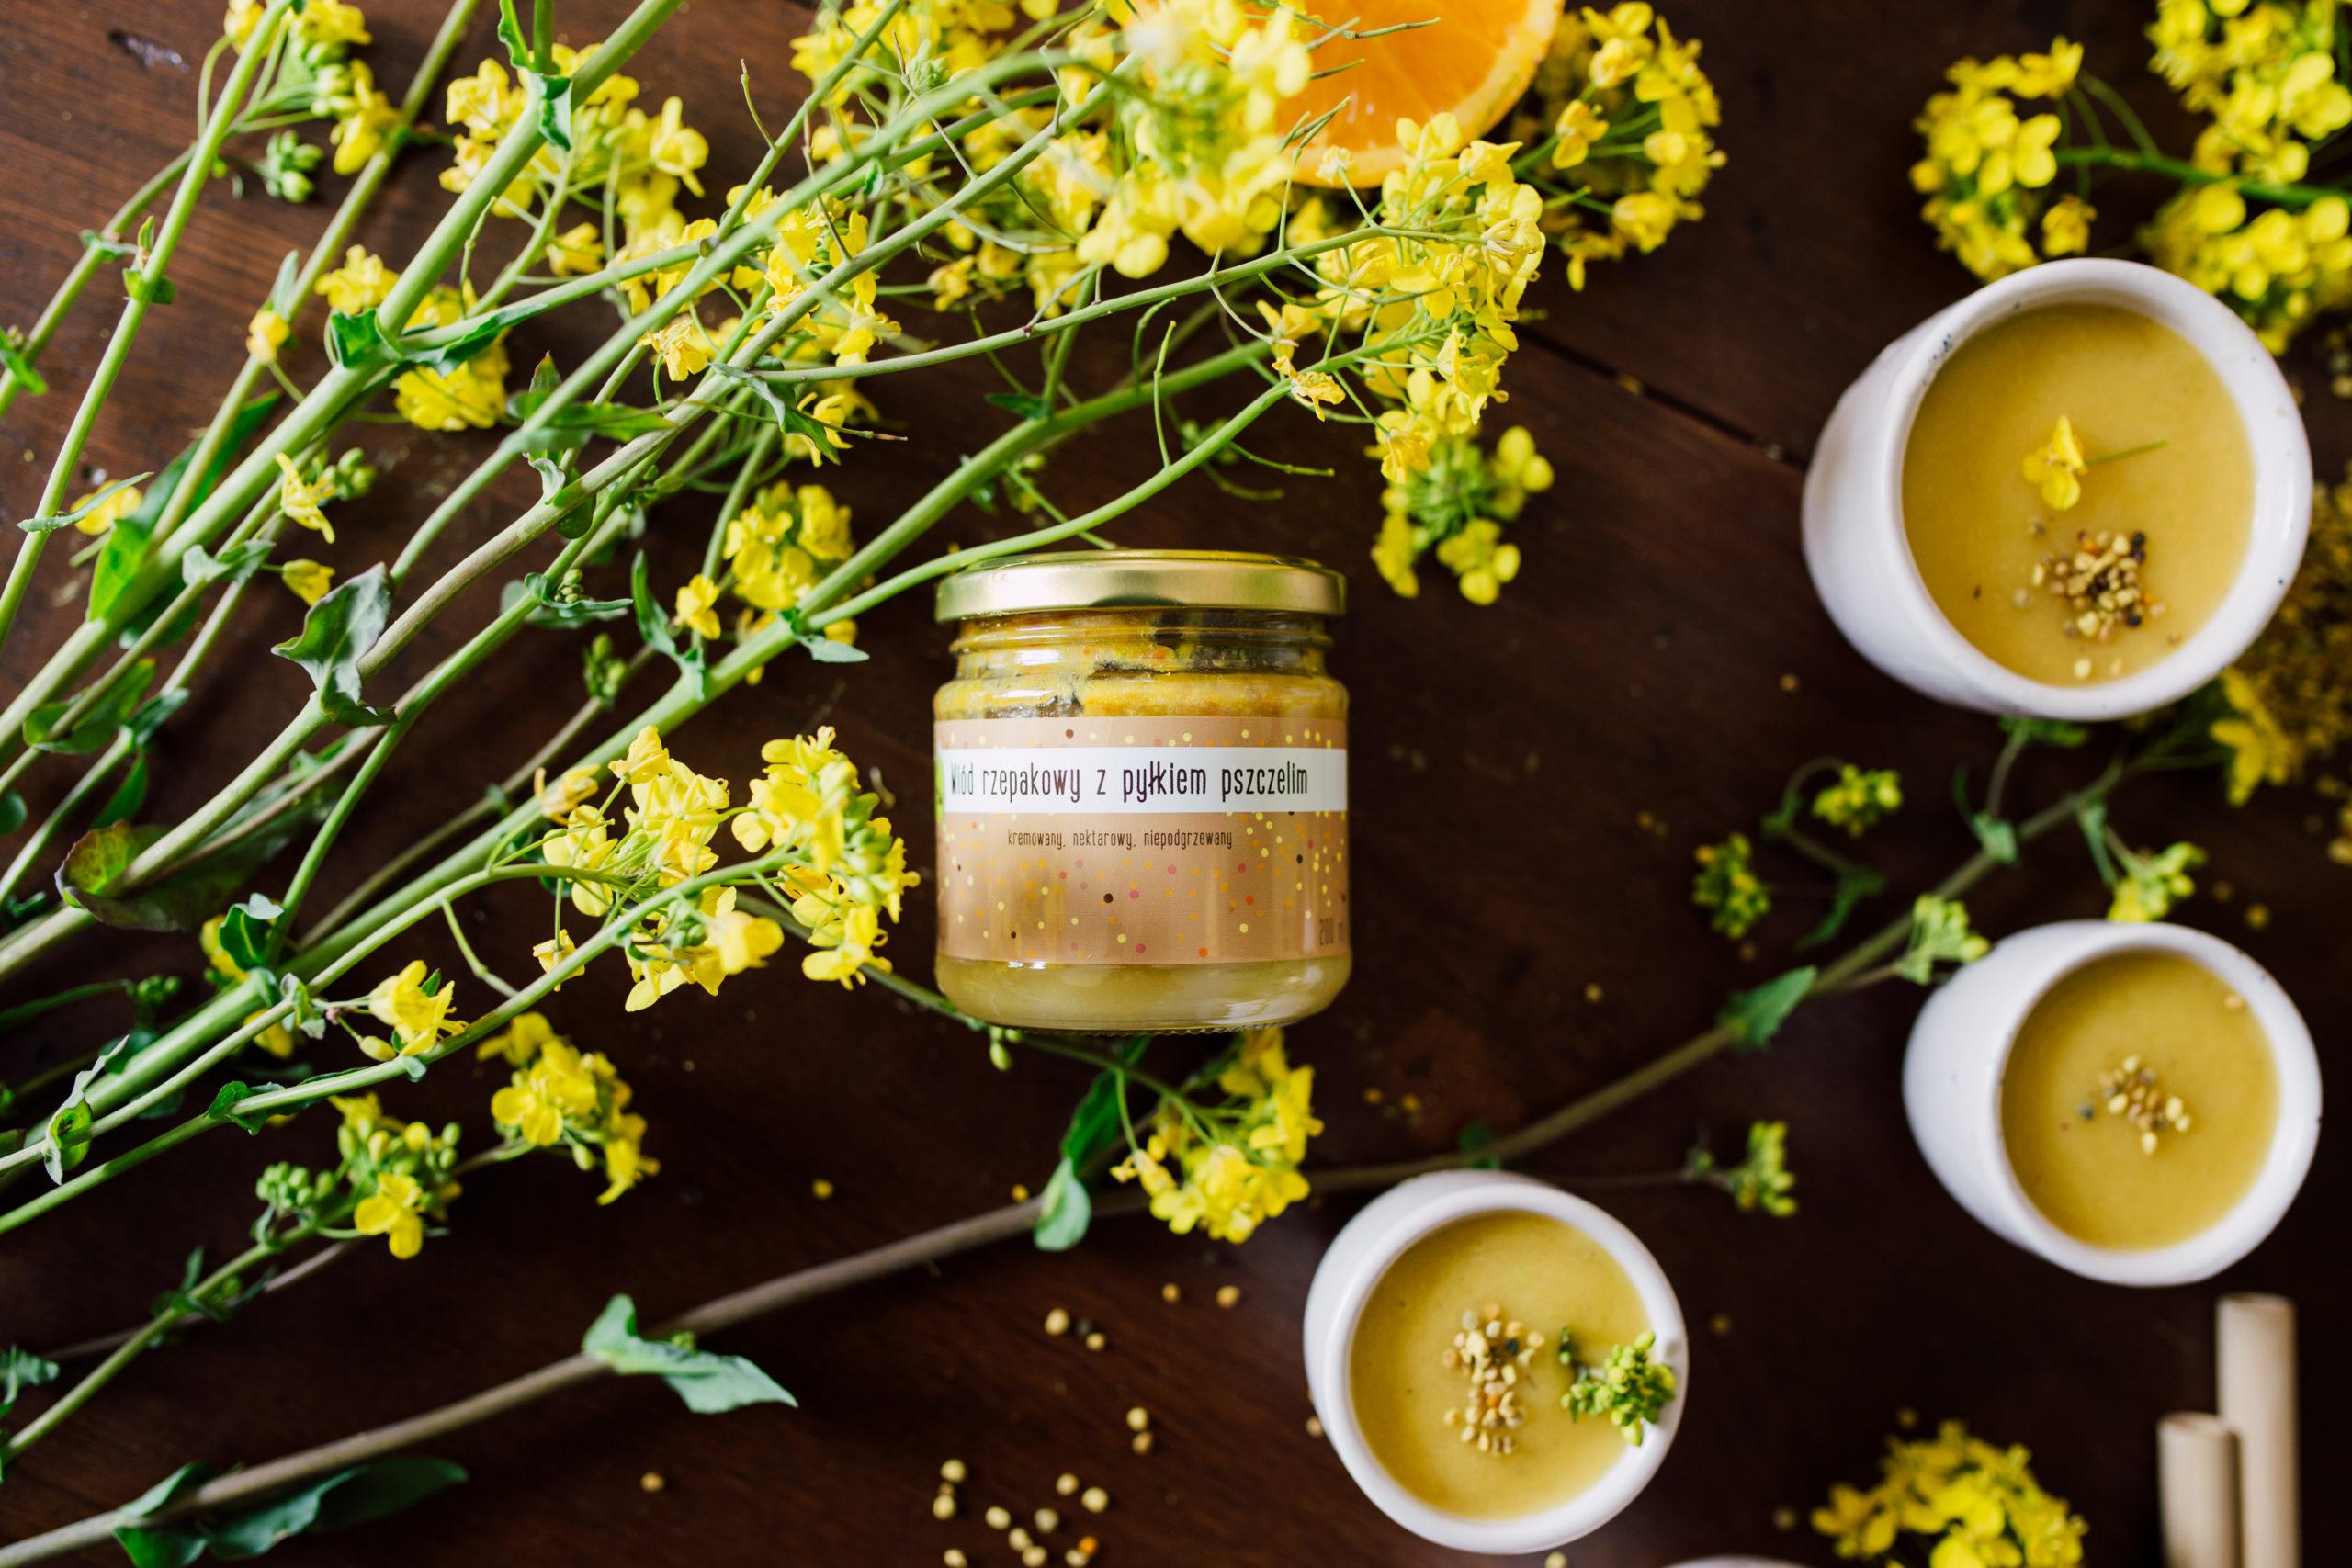 Miód z pylkim pszczelim Olini